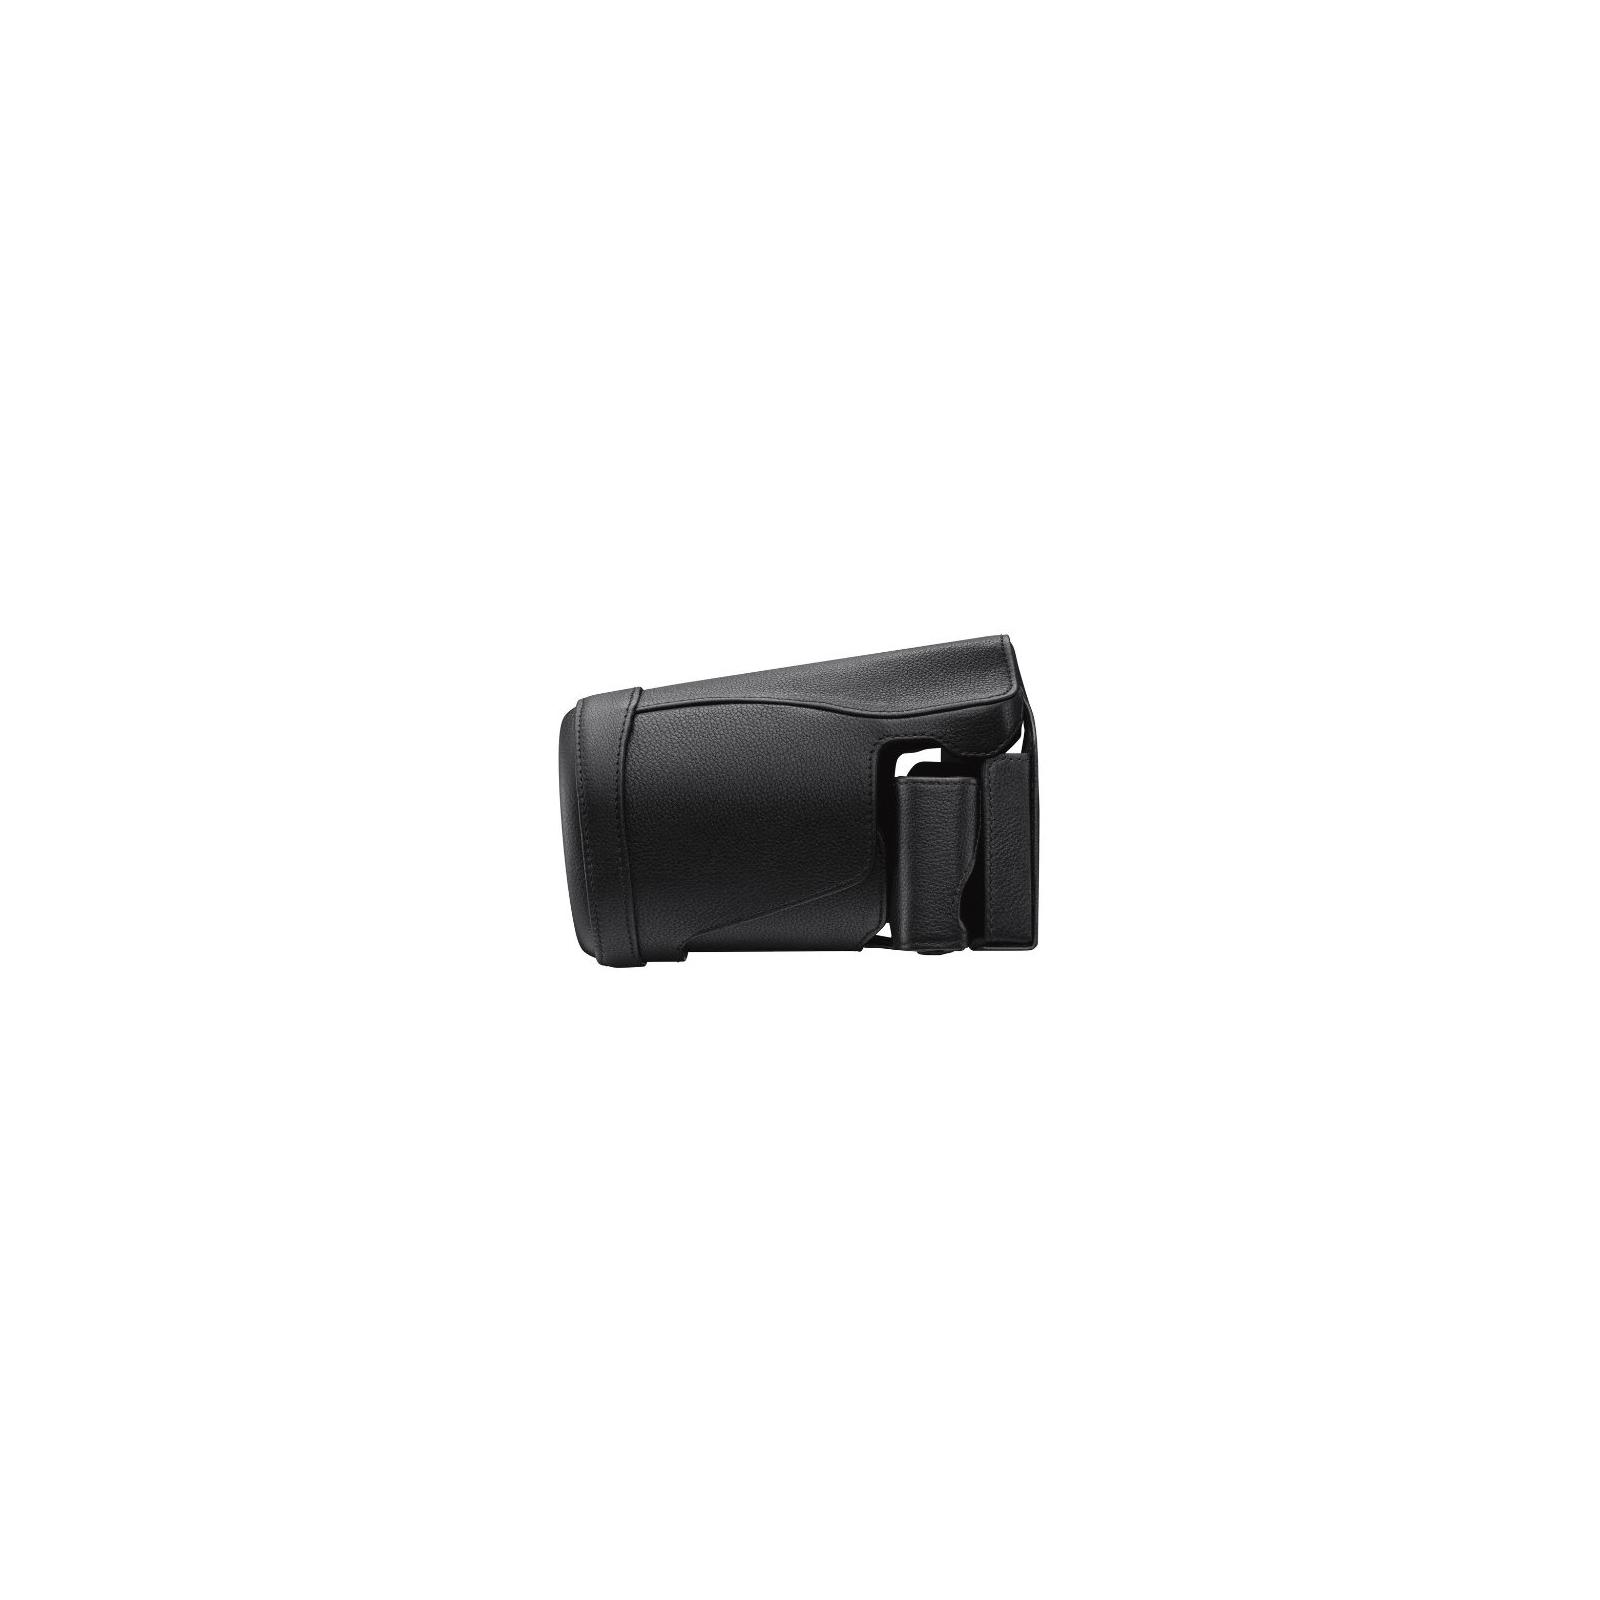 Фото-сумка SONY A7/A7R Black (LCSELCAB.SYH) изображение 5